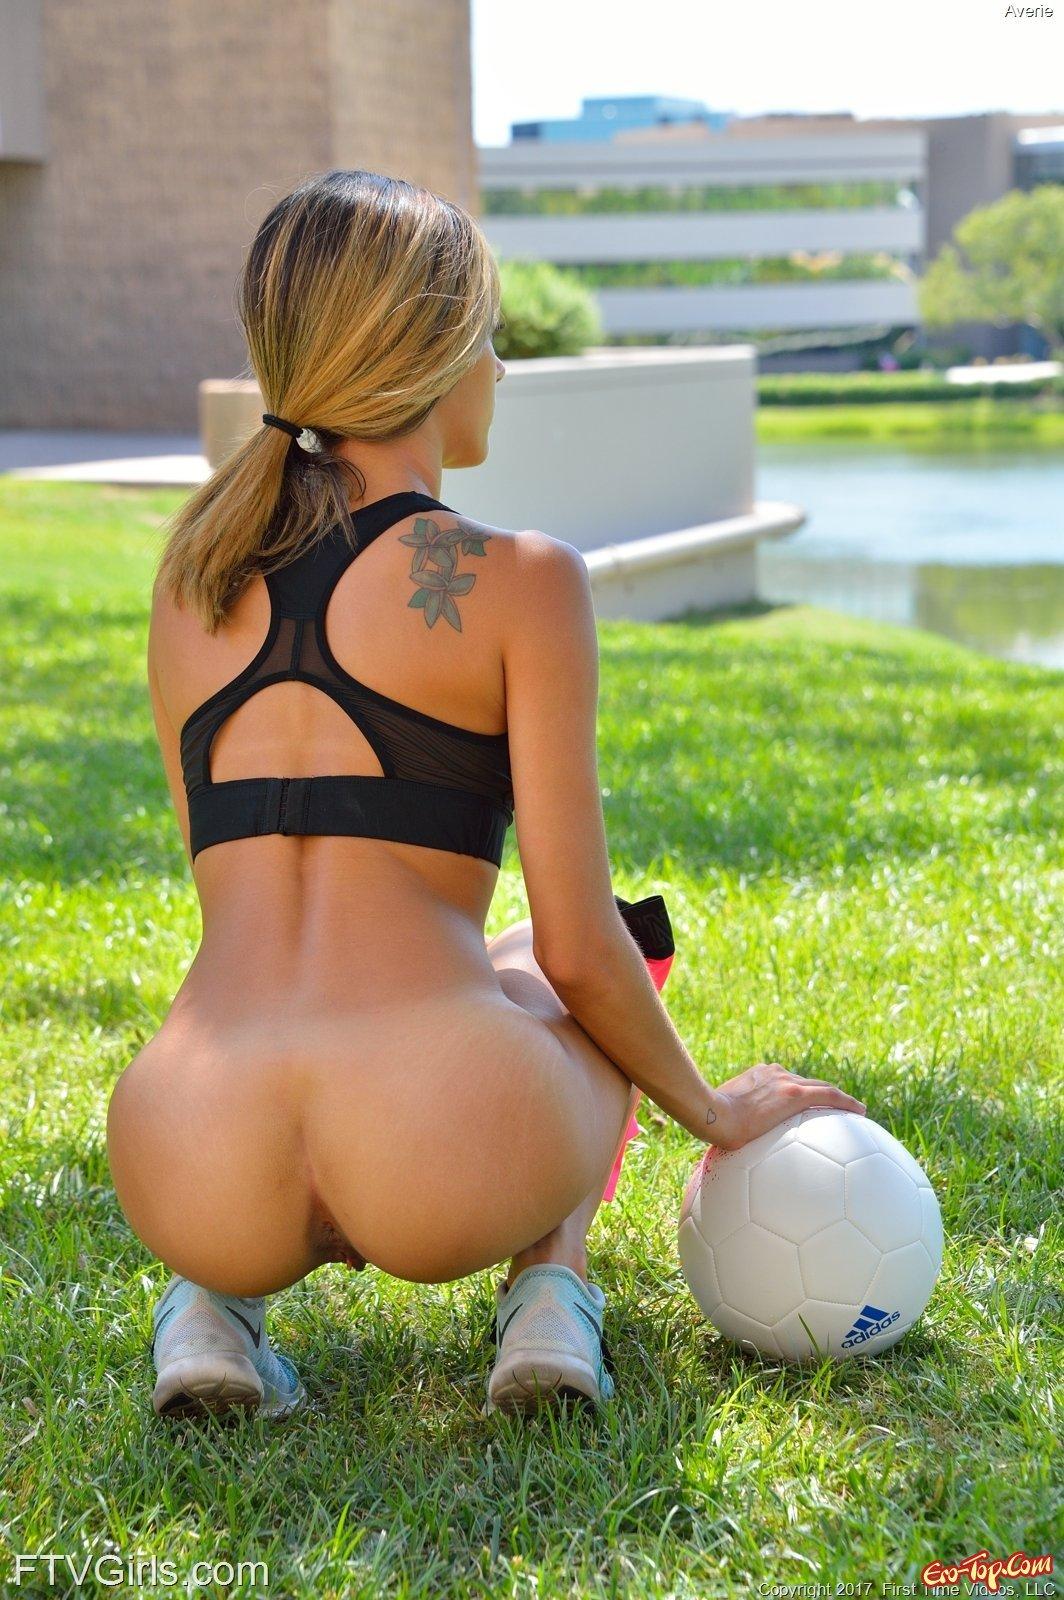 Худенькая спортсменка играясь с мячом показа киску